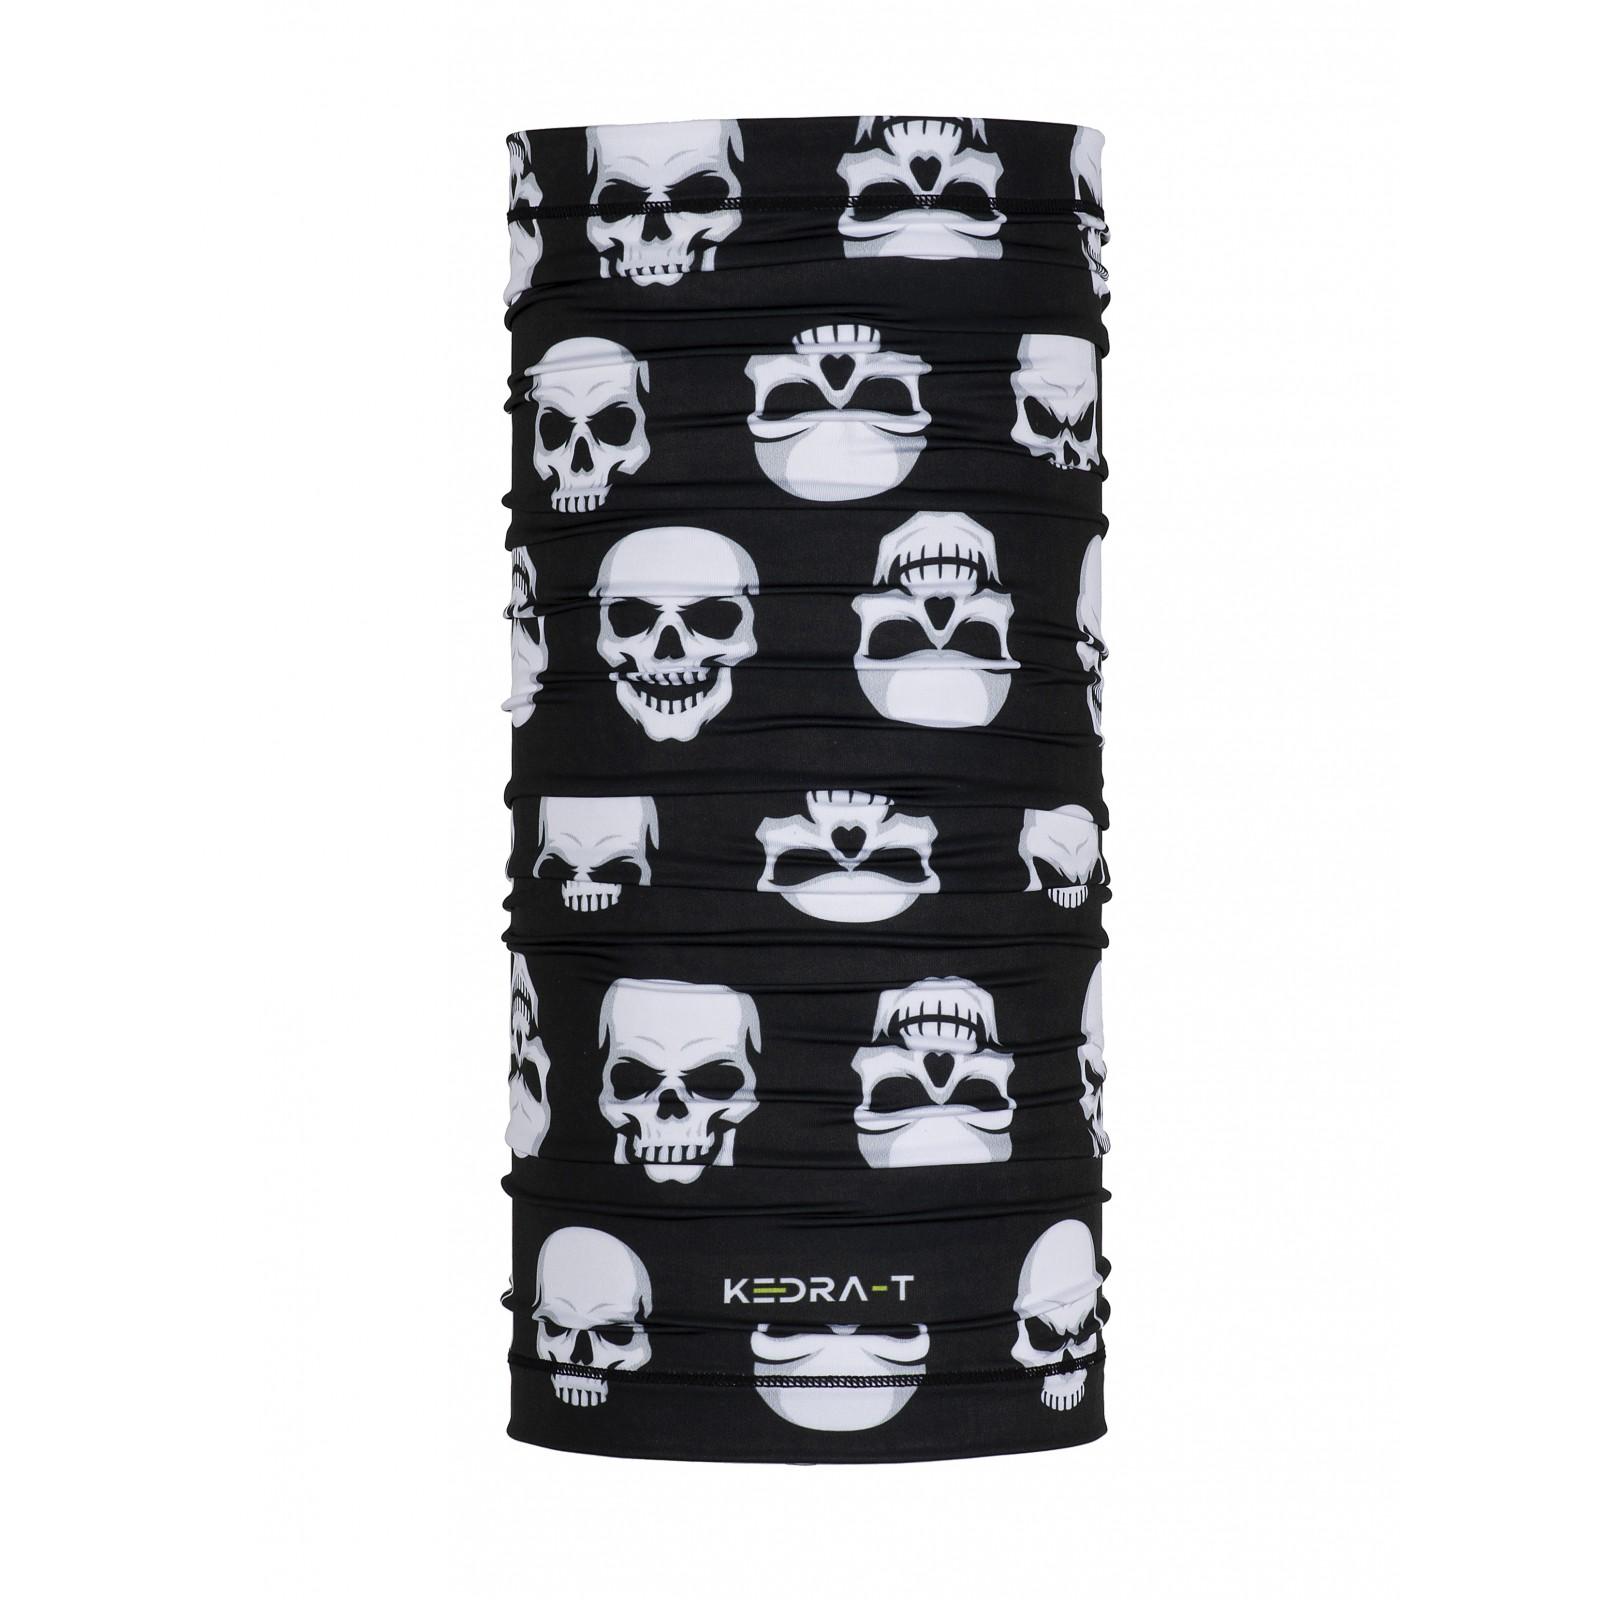 Bandana Skulls